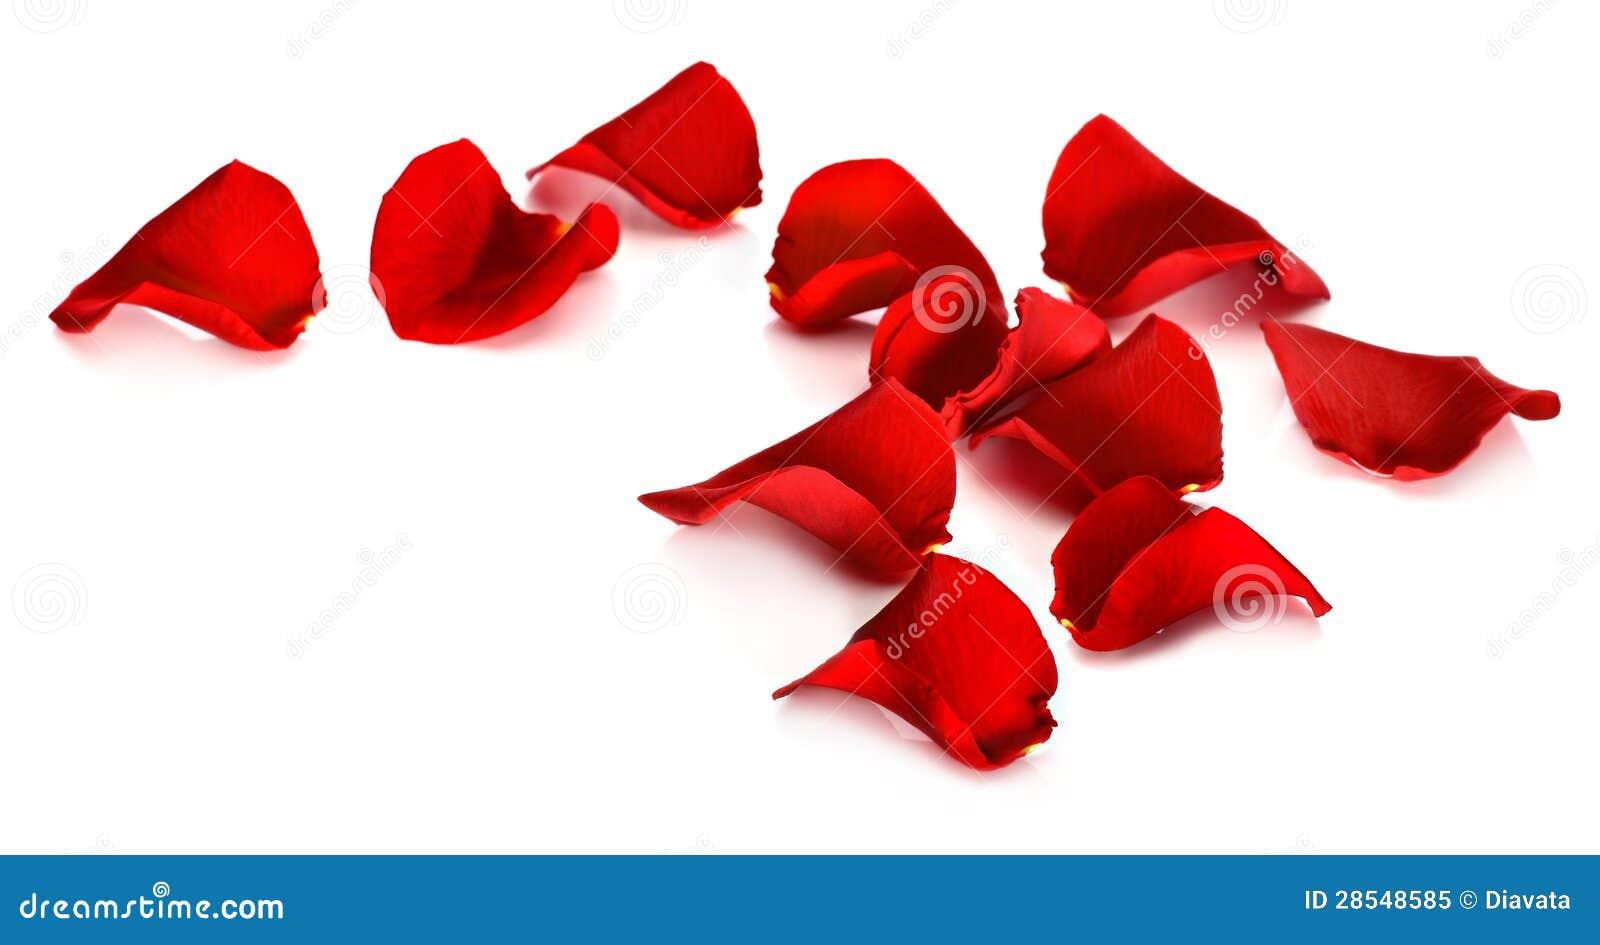 Red rose petals clip art